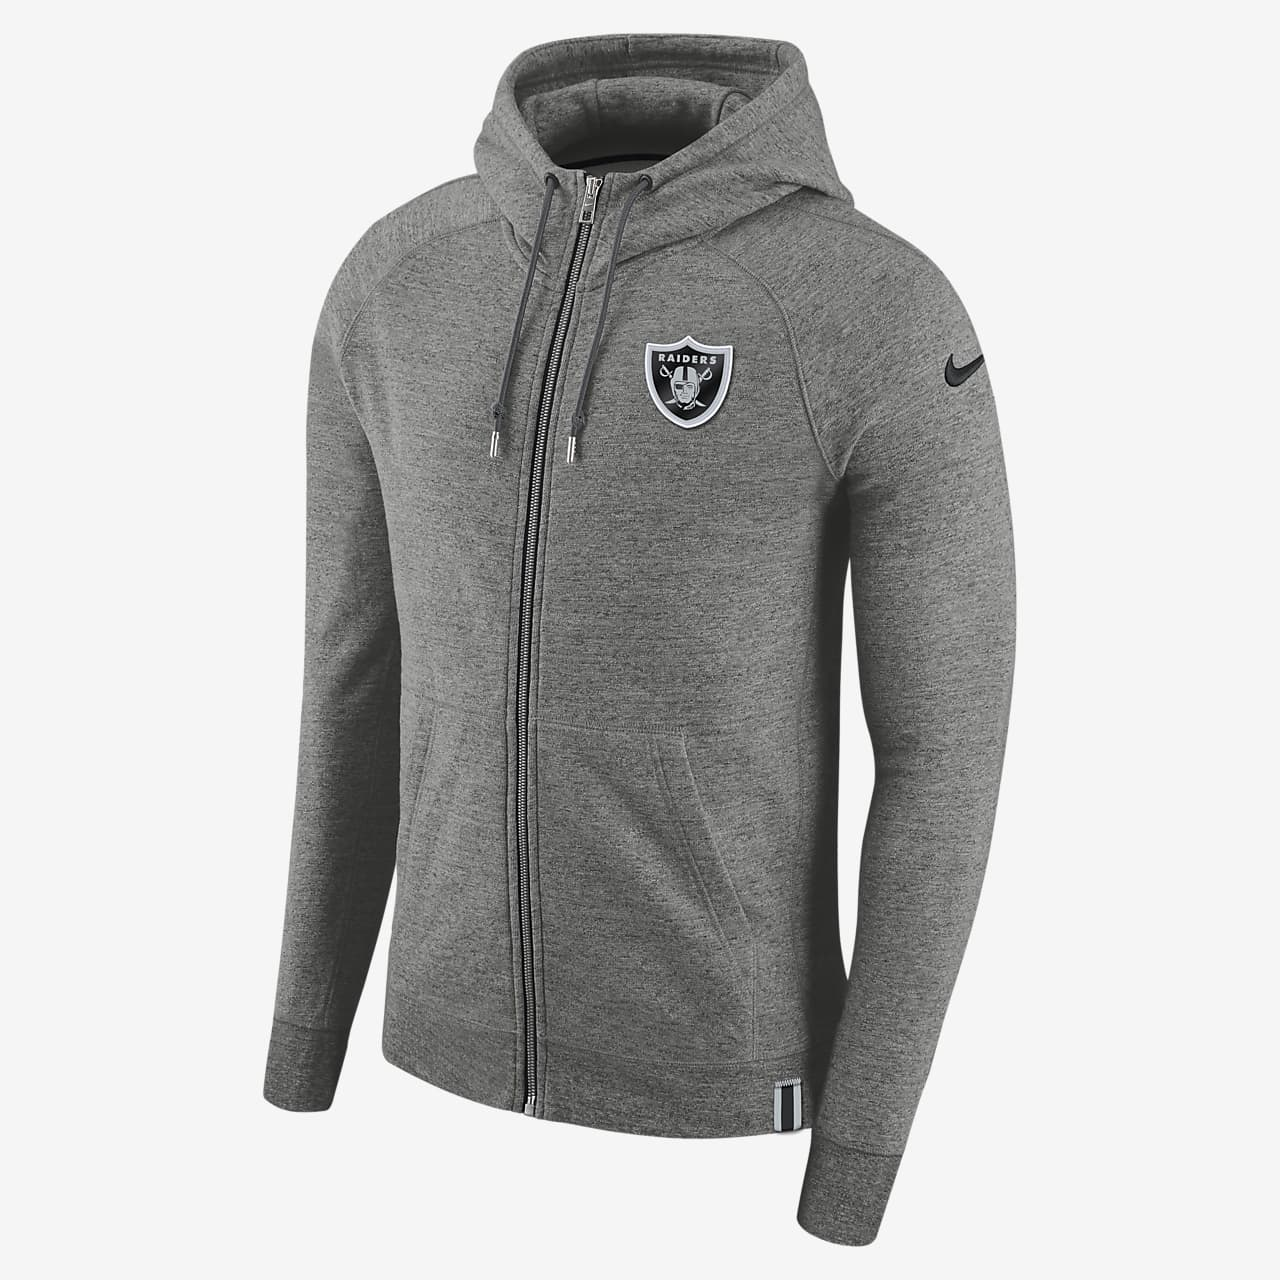 Nike AW77 (NFL Raiders) Men's Hoodie